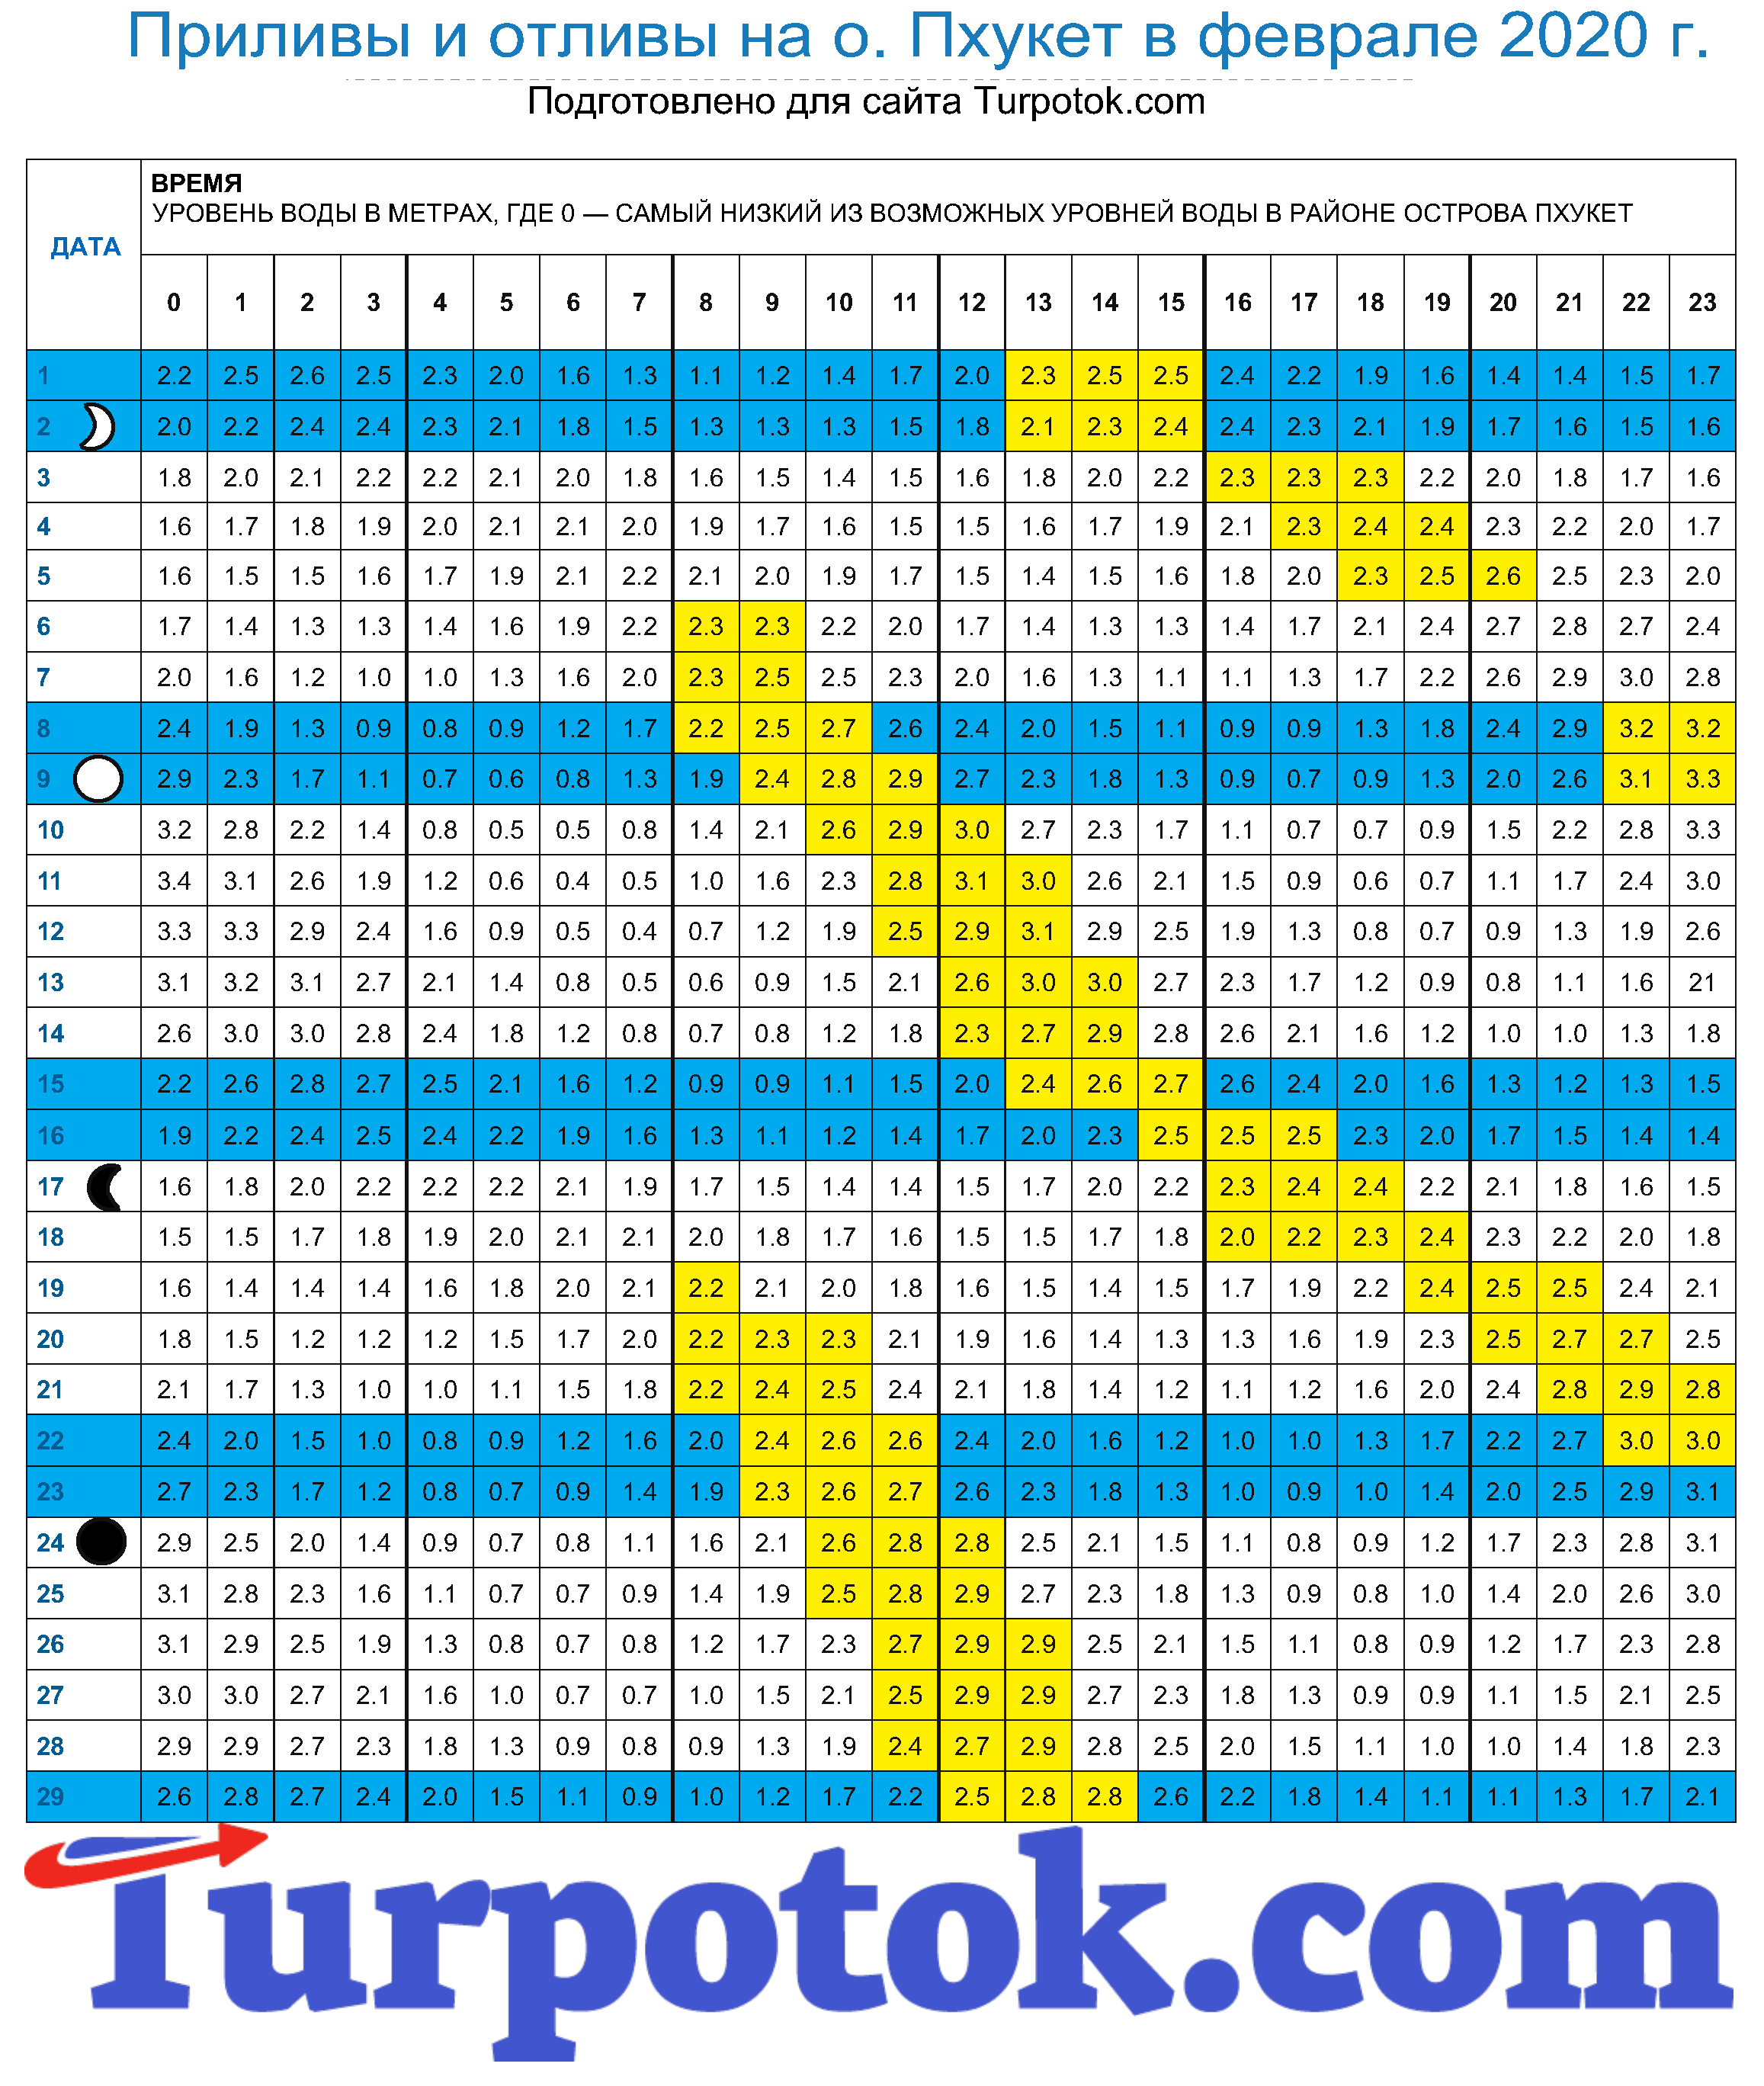 График приливов на острове Пхукет. Февраль 2020